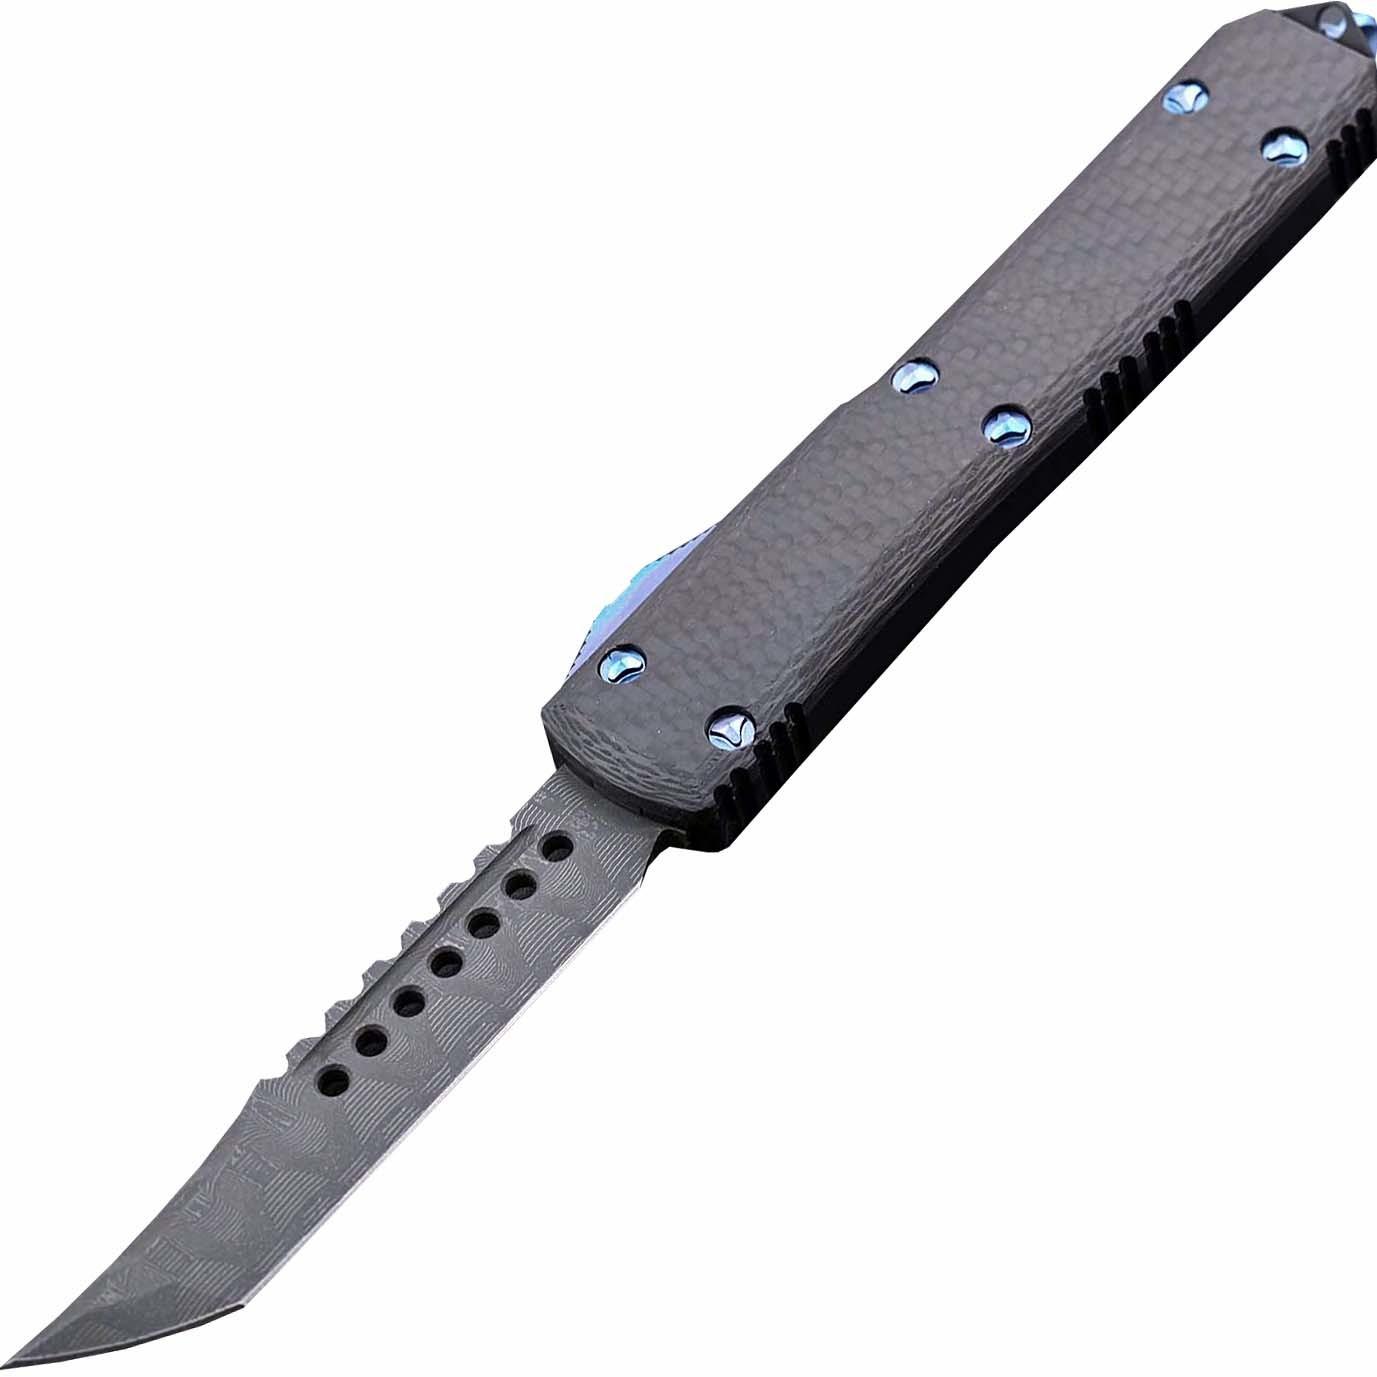 Автоматический выкидной нож Microtech Ultratech Hellhound, сталь дамаск, рукоять карбон